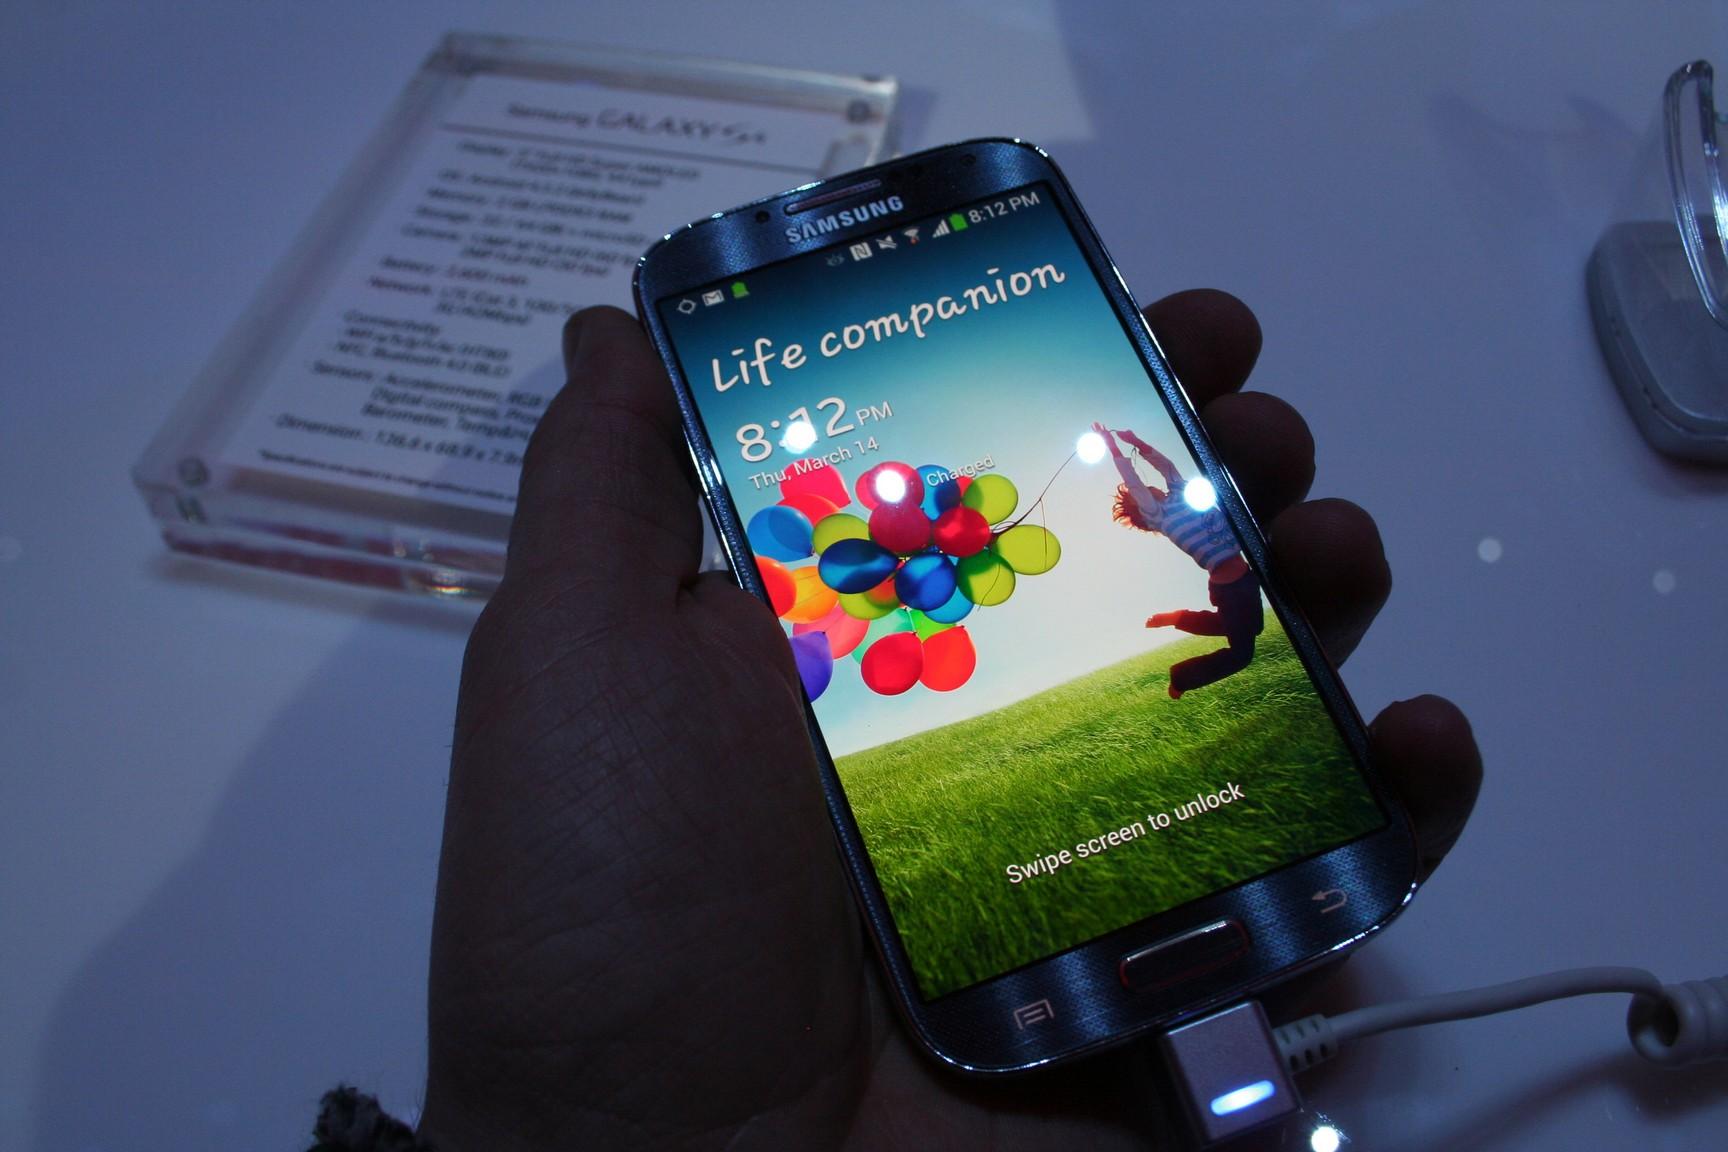 Herstellung des Samsung Galaxy S4 kostet 244 Dollar